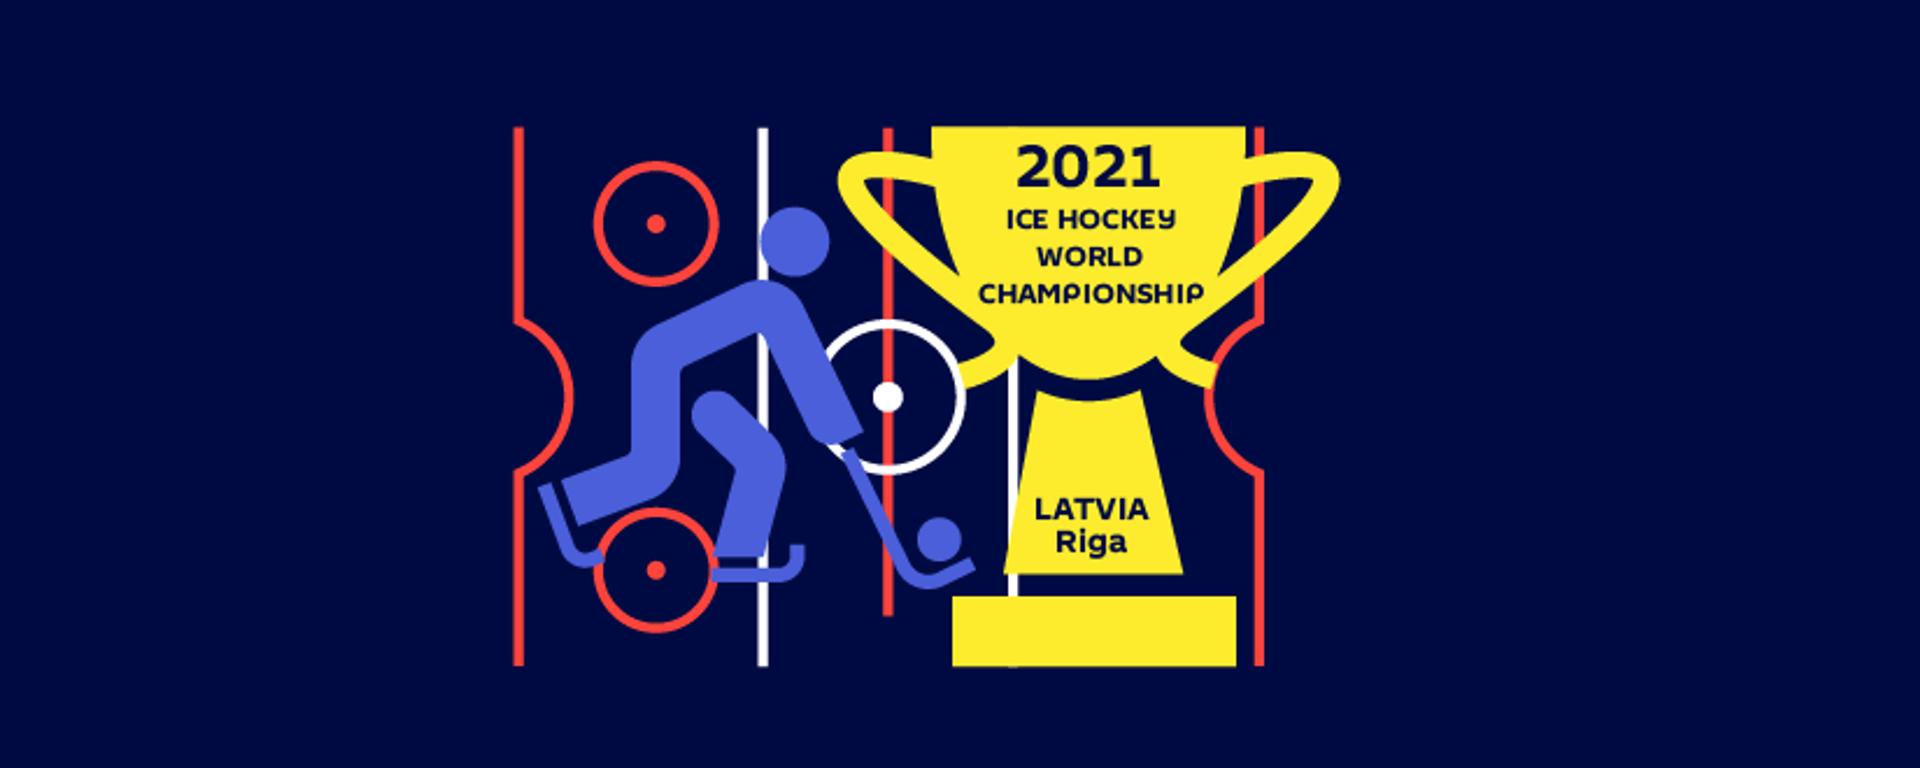 Чемпионат мира по хоккею — 2021: итоги финала - Sputnik Таджикистан, 1920, 06.06.2021